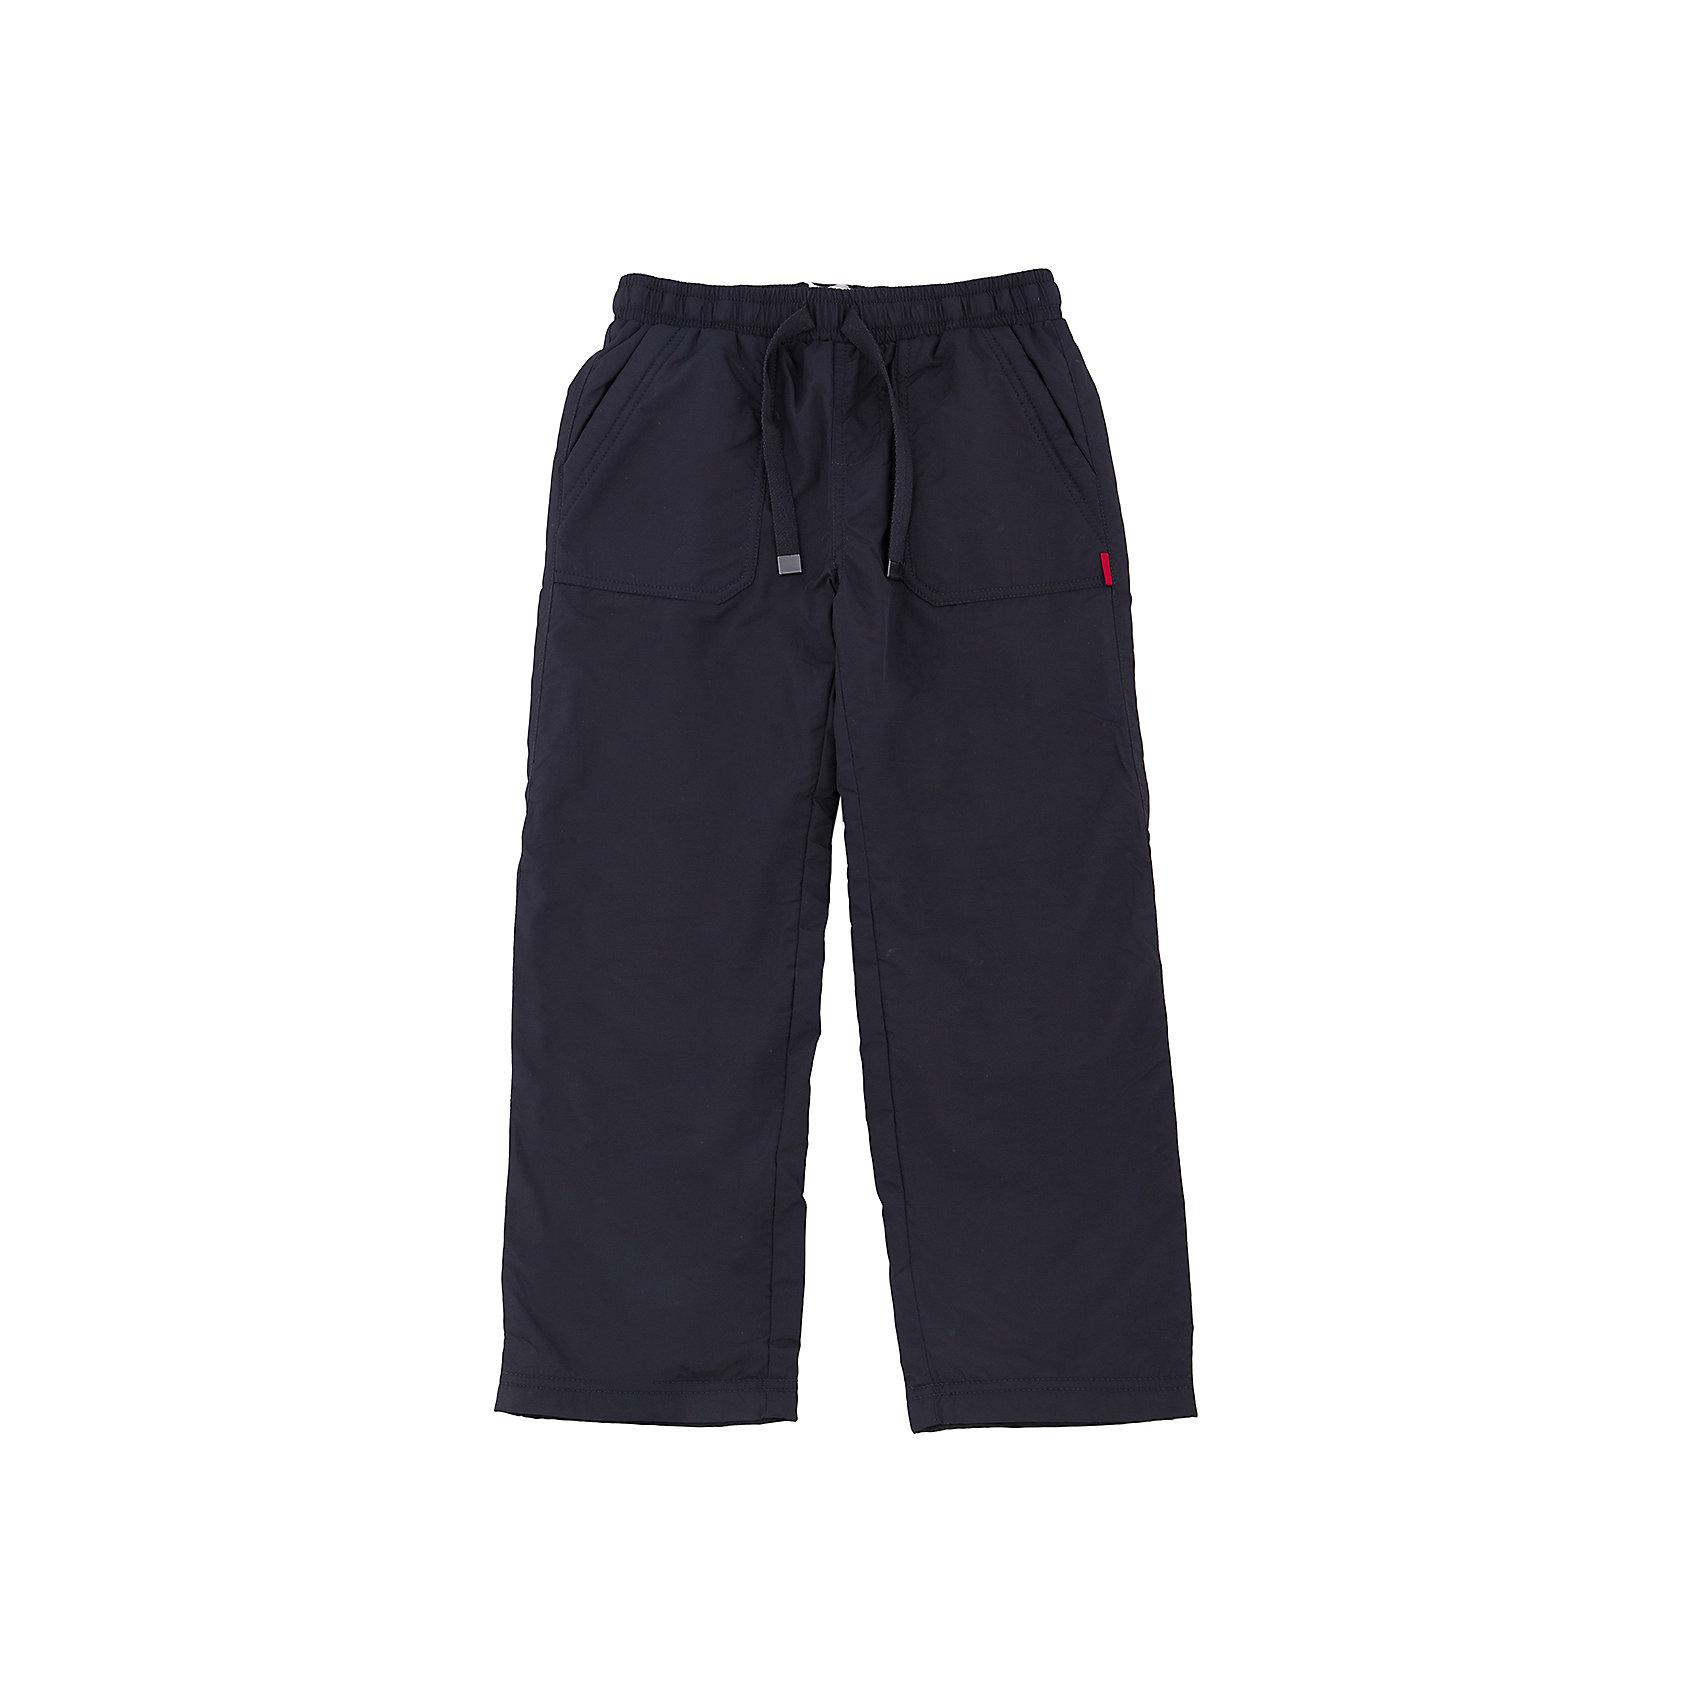 Брюки для мальчика SELAБрюки<br>Спортивные брюки - незаменимая вещь в детском гардеробе. Эта модель отлично сидит на ребенке, она сшита из лекгкого материала, который обеспечивает ребенку комфорт. Модель станет отличной базовой вещью, которая будет уместна в различных сочетаниях.<br>Одежда от бренда Sela (Села) - это качество по приемлемым ценам. Многие российские родители уже оценили преимущества продукции этой компании и всё чаще приобретают одежду и аксессуары Sela.<br><br>Дополнительная информация:<br><br>материал: 100% нейлон; подкладка:100% ПЭ;<br>удобная посадка;<br>резинка и шнурок в поясе.<br><br>Брюки для мальчика от бренда Sela можно купить в нашем интернет-магазине.<br><br>Ширина мм: 215<br>Глубина мм: 88<br>Высота мм: 191<br>Вес г: 336<br>Цвет: серый<br>Возраст от месяцев: 132<br>Возраст до месяцев: 144<br>Пол: Мужской<br>Возраст: Детский<br>Размер: 152,122,128,134,146,140<br>SKU: 4919538